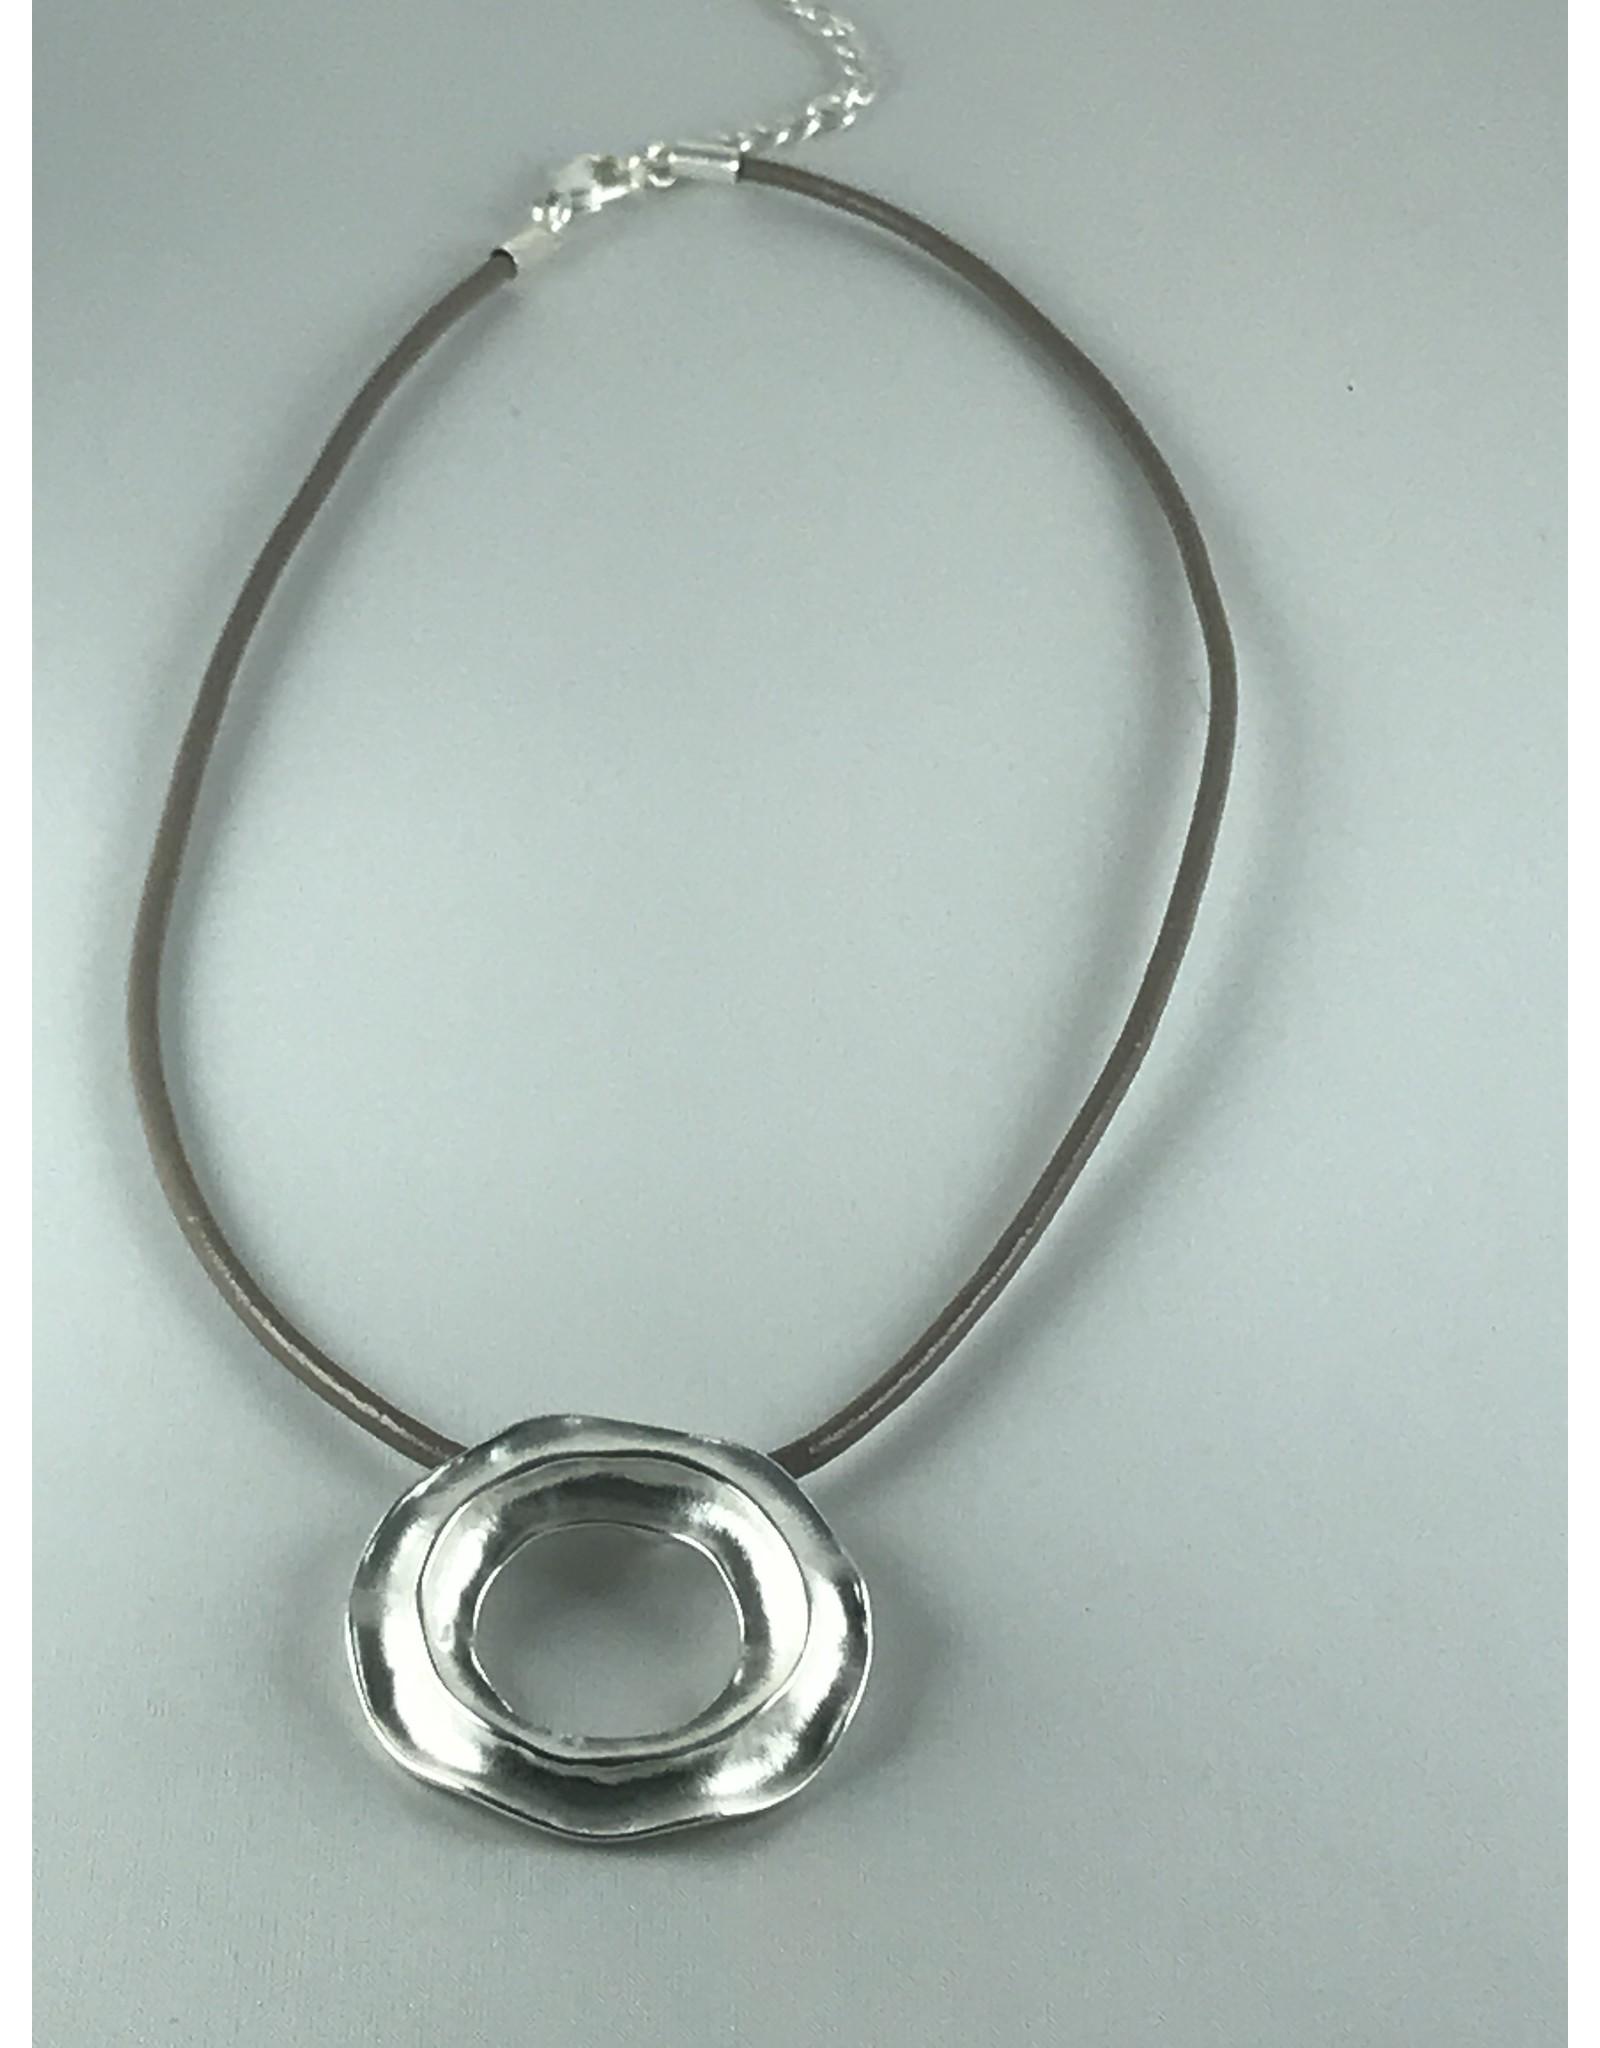 Axxes-Soir korte  ketting zilverkleurig schijfje- bandje kunststof